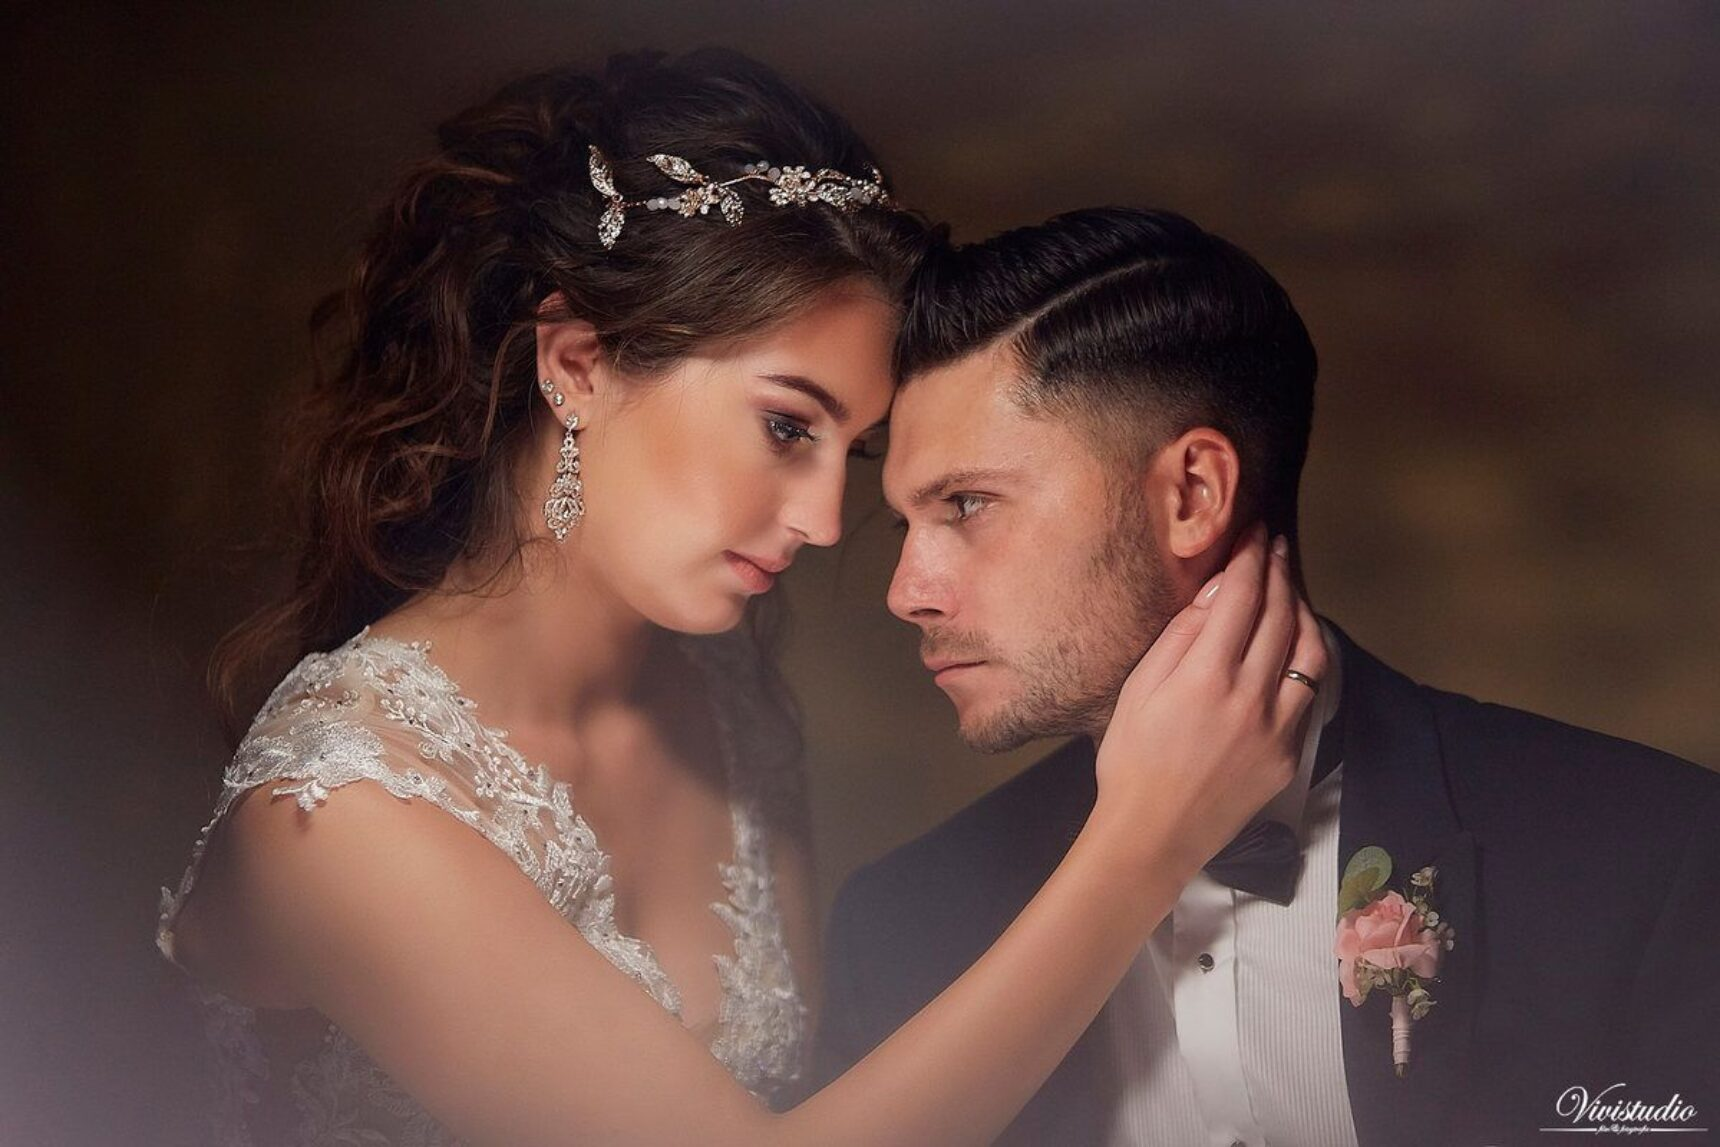 Piękne zdjęcia i ciekawy film ze ślubu i wesela – czy warto zdecydować się na jedną firmę foto+video?